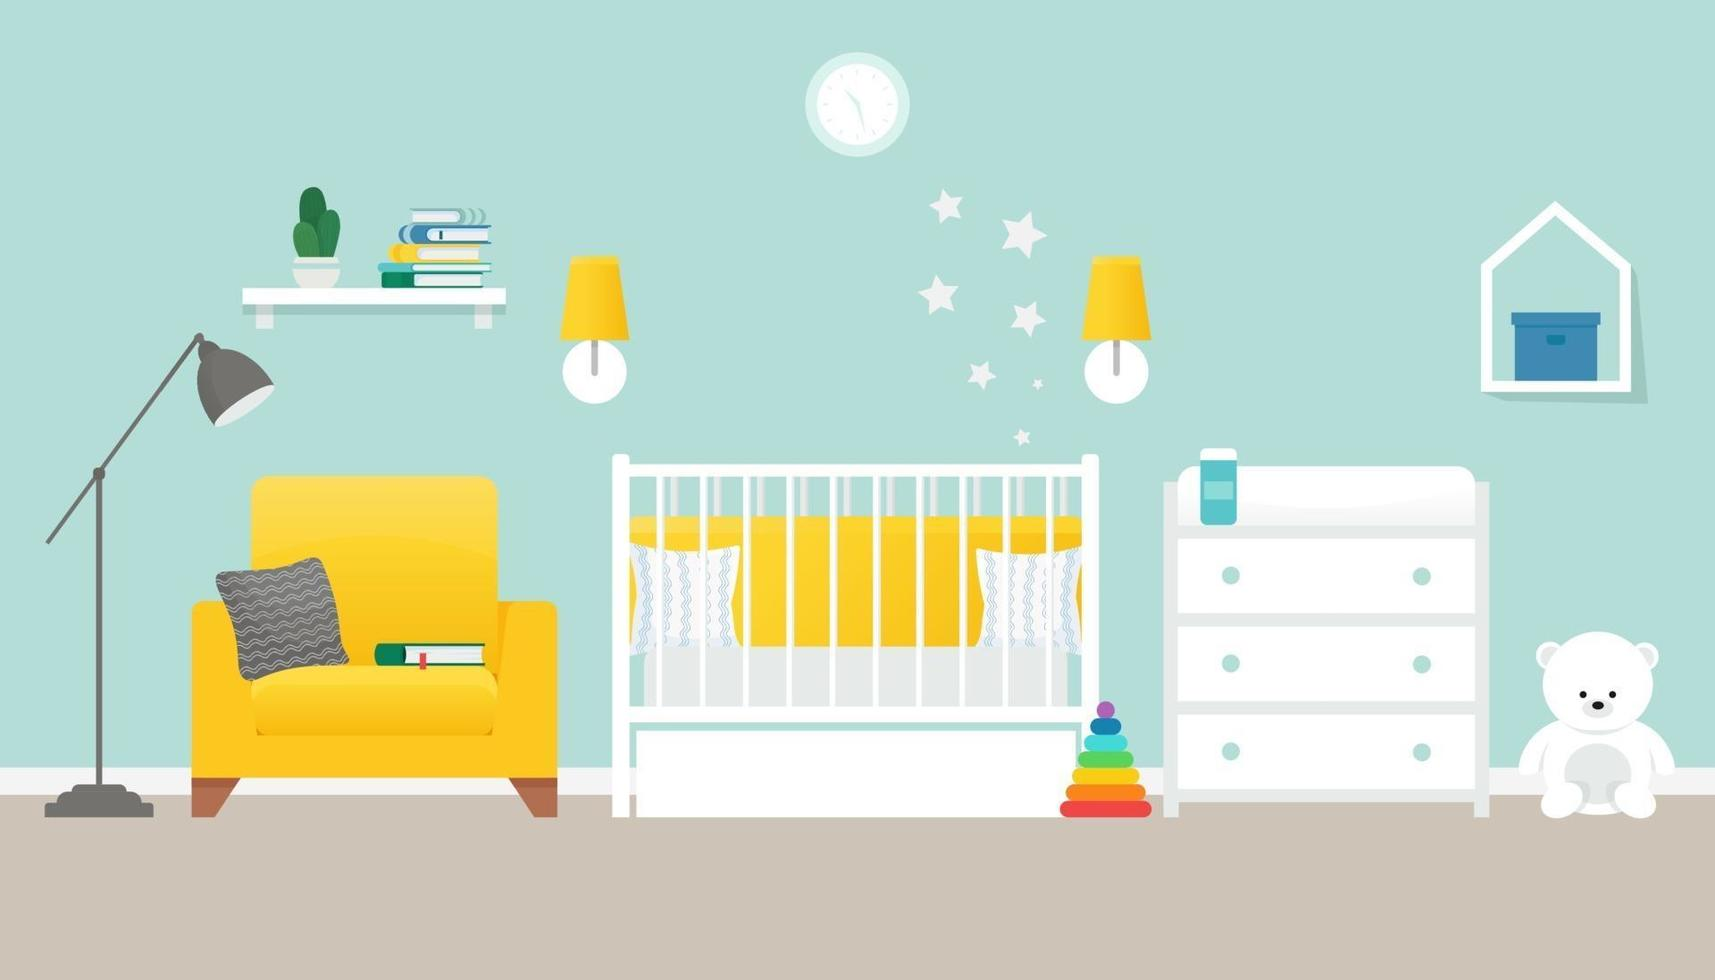 gemütliches Kinderzimmer Interieur, Babyzimmer, flache Stil Vektor-Illustration vektor